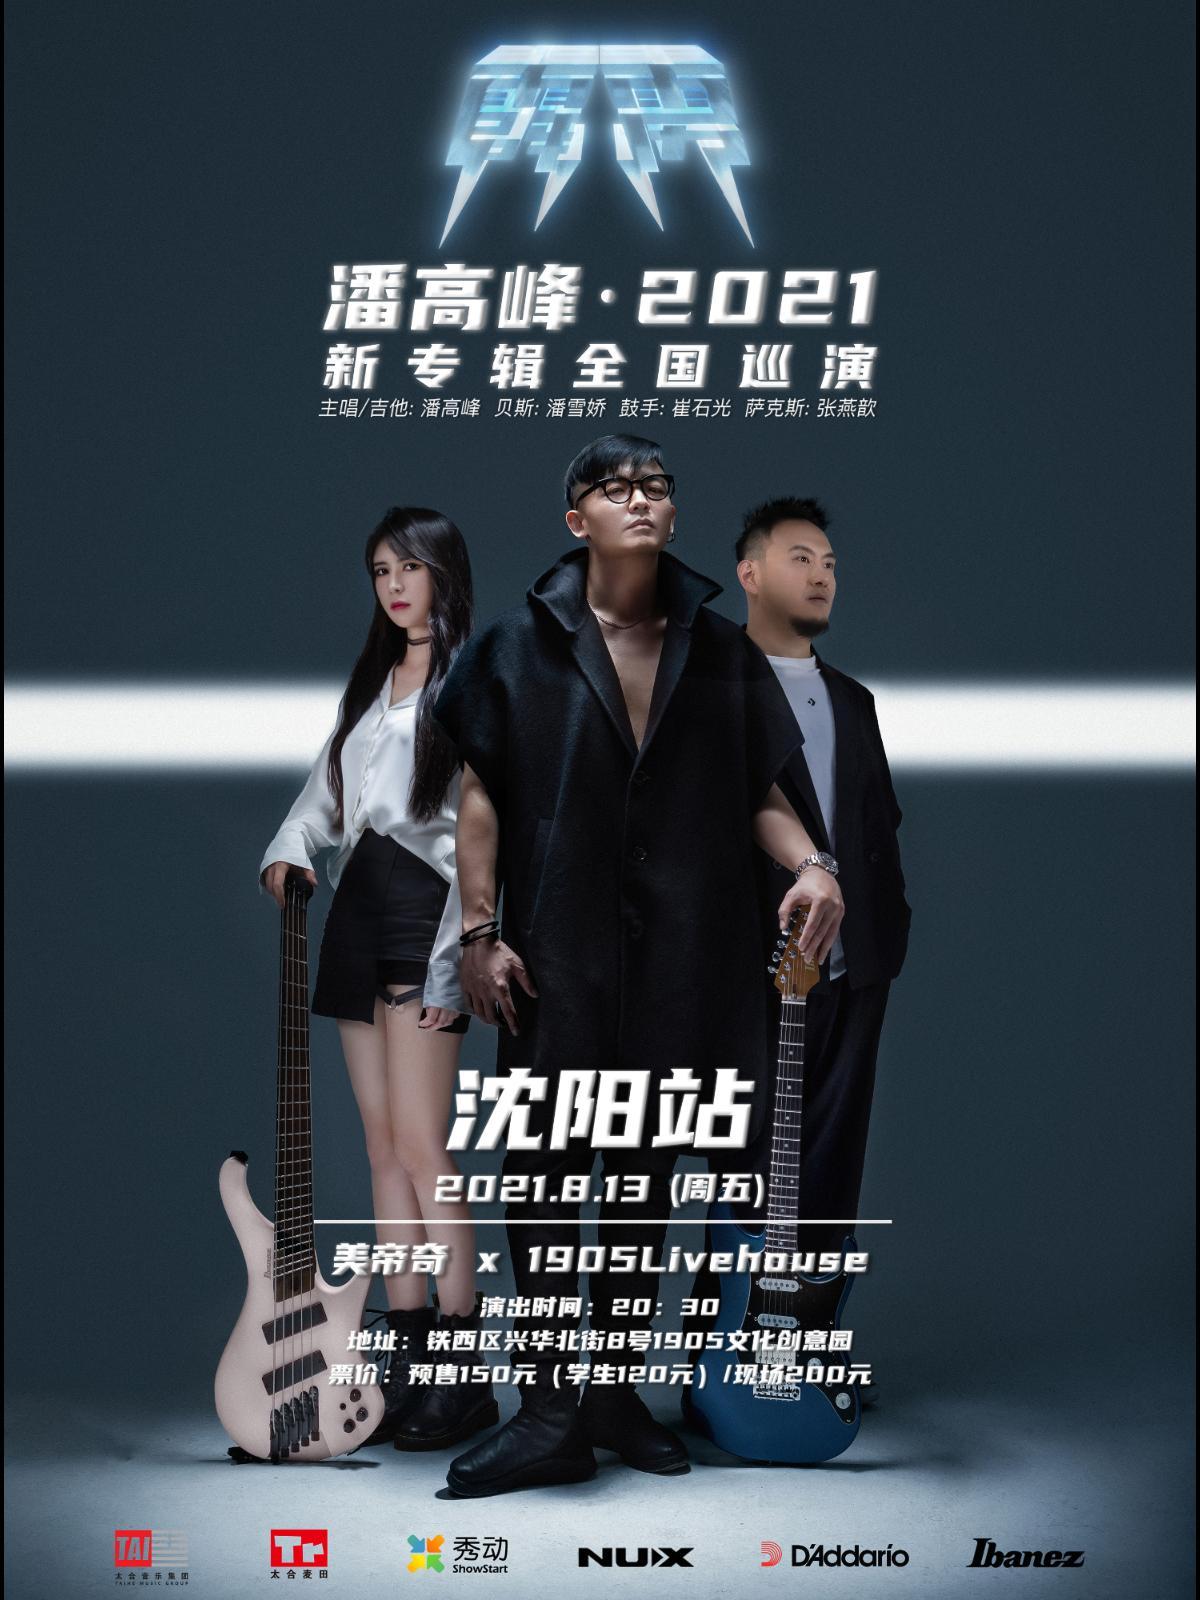 潘高峰2021新专辑《霹雳》巡演LVH